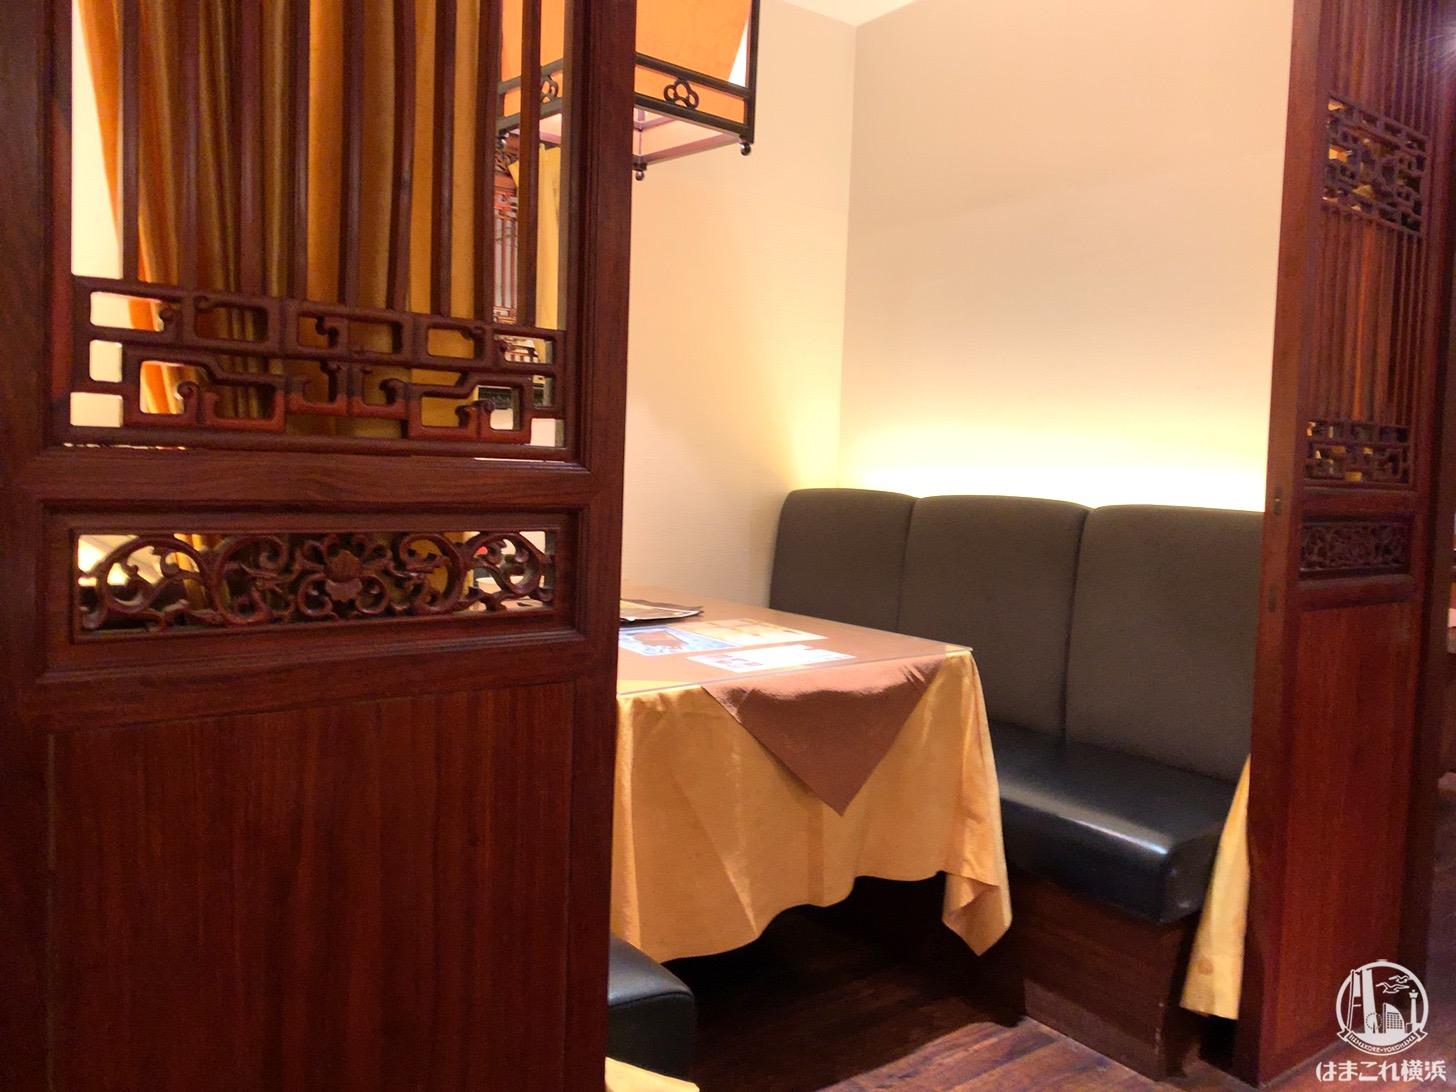 横浜中華街「大珍楼(ダイチンロウ)」個室